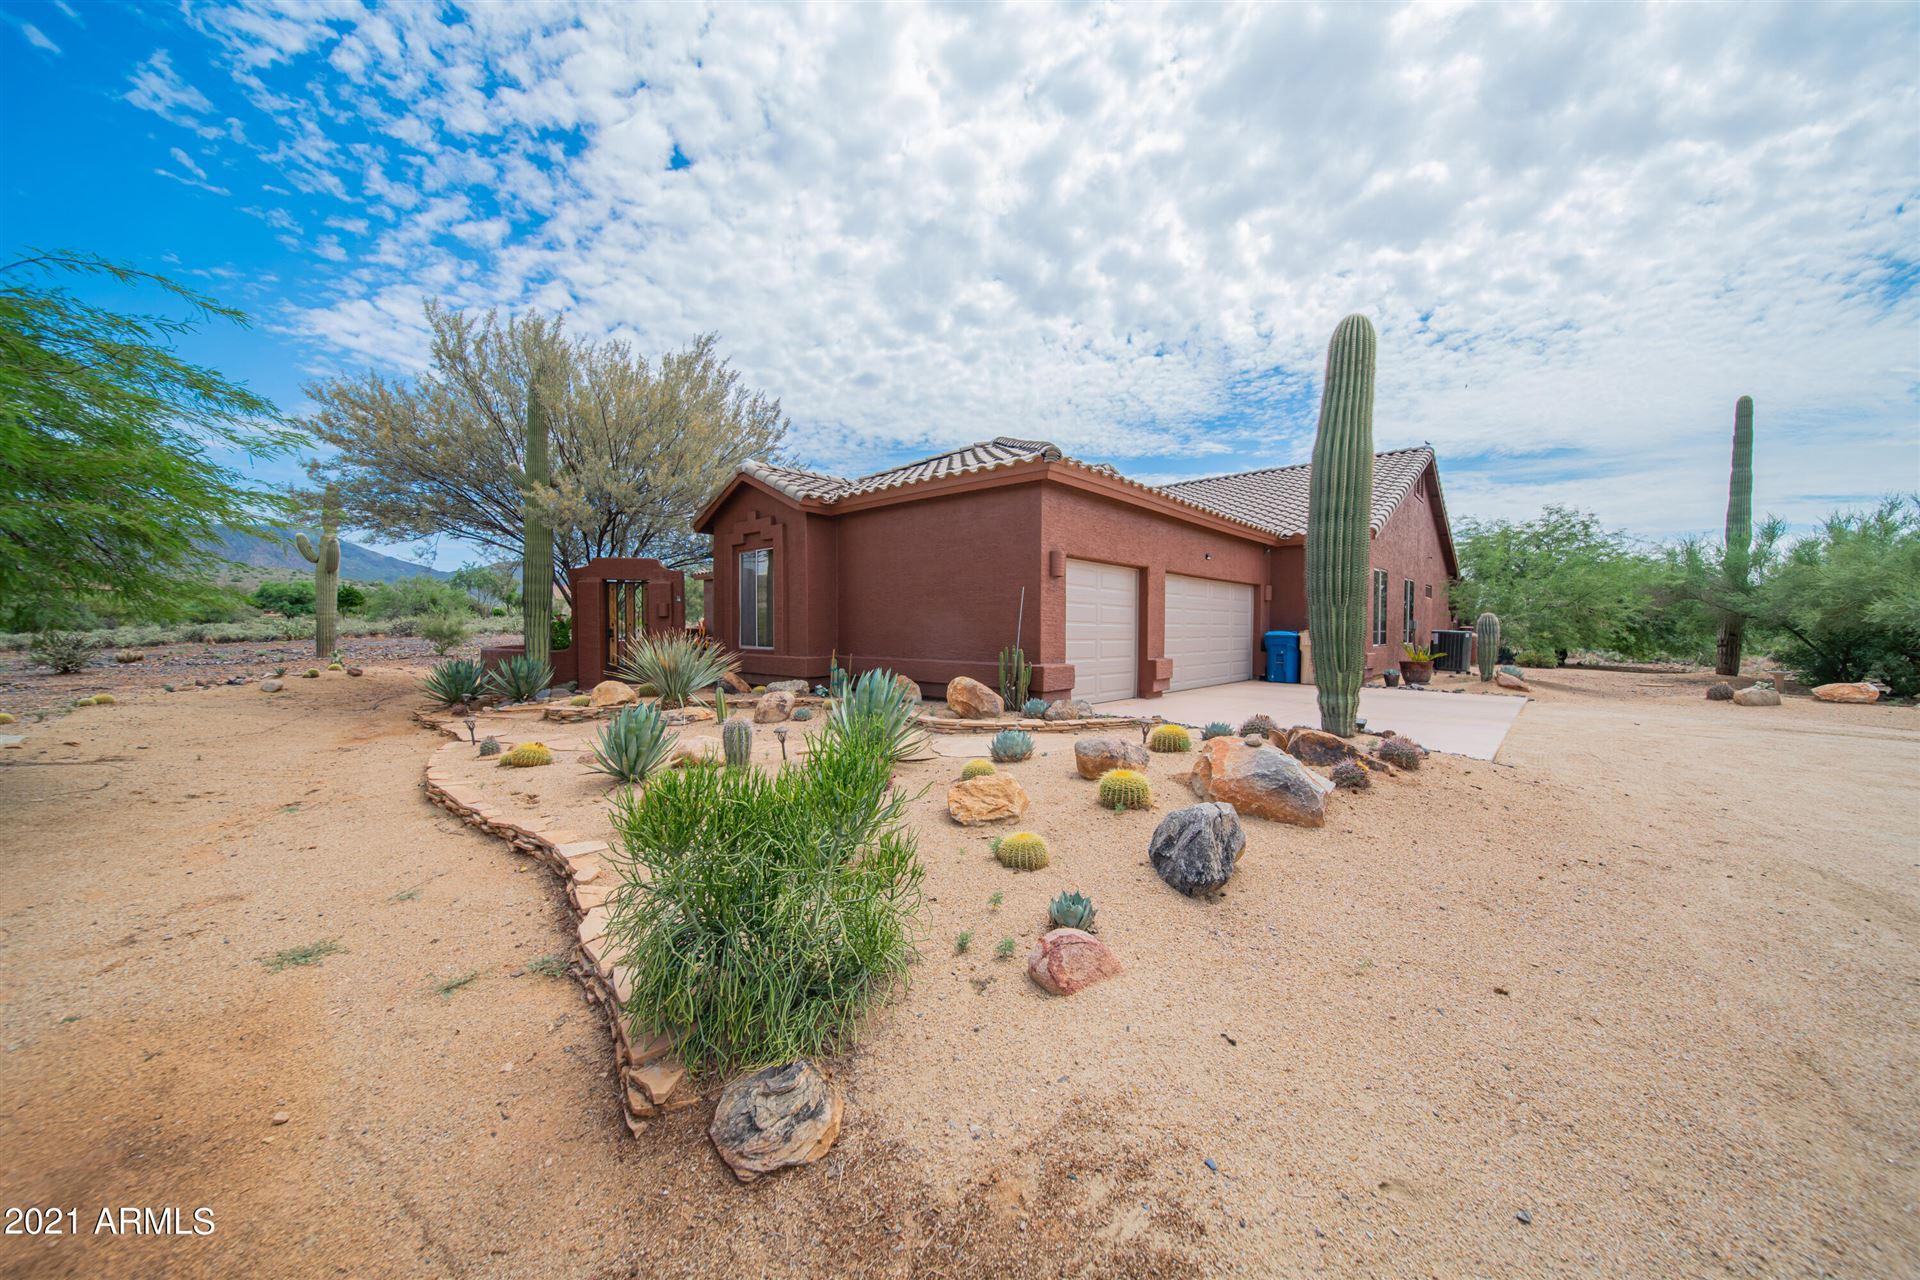 Photo of 5799 E HIDDEN SPRINGS Road, Cave Creek, AZ 85331 (MLS # 6287399)